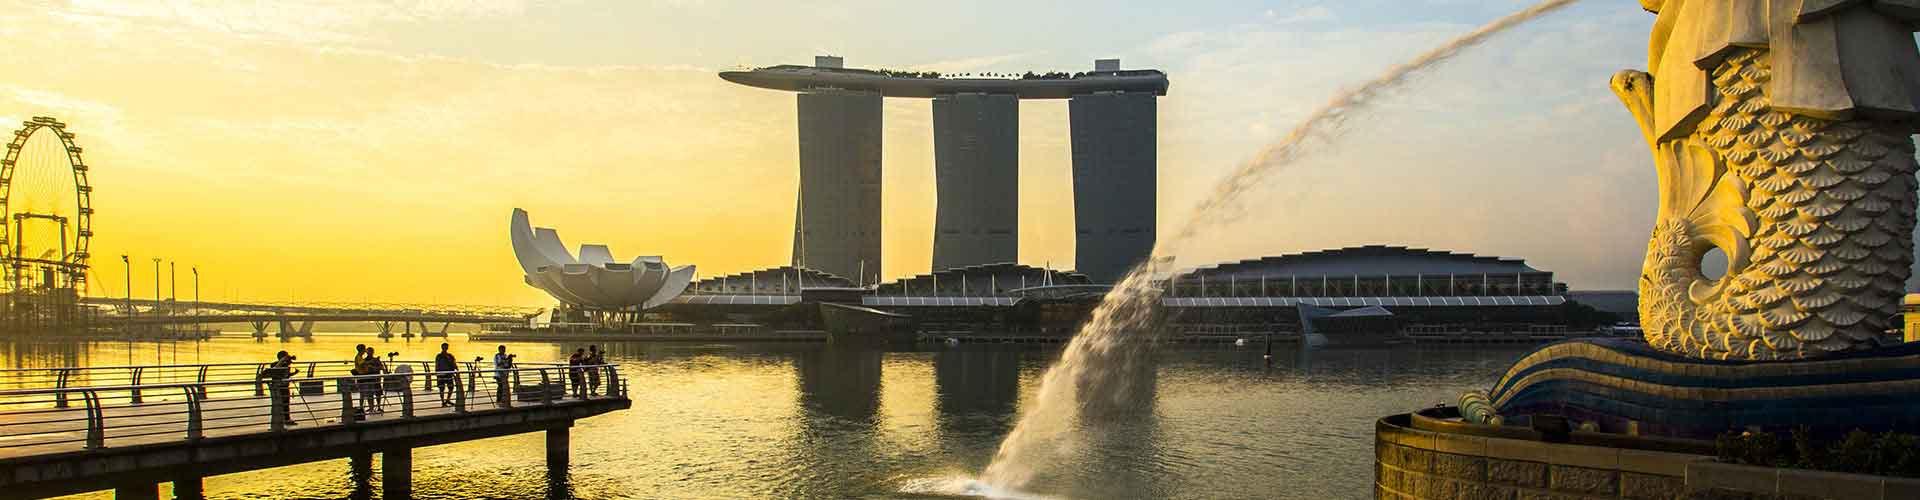 Singapur – Hostels in Singapur. Singapur auf der Karte. Fotos und Bewertungen für jedes Hostel in Singapur.